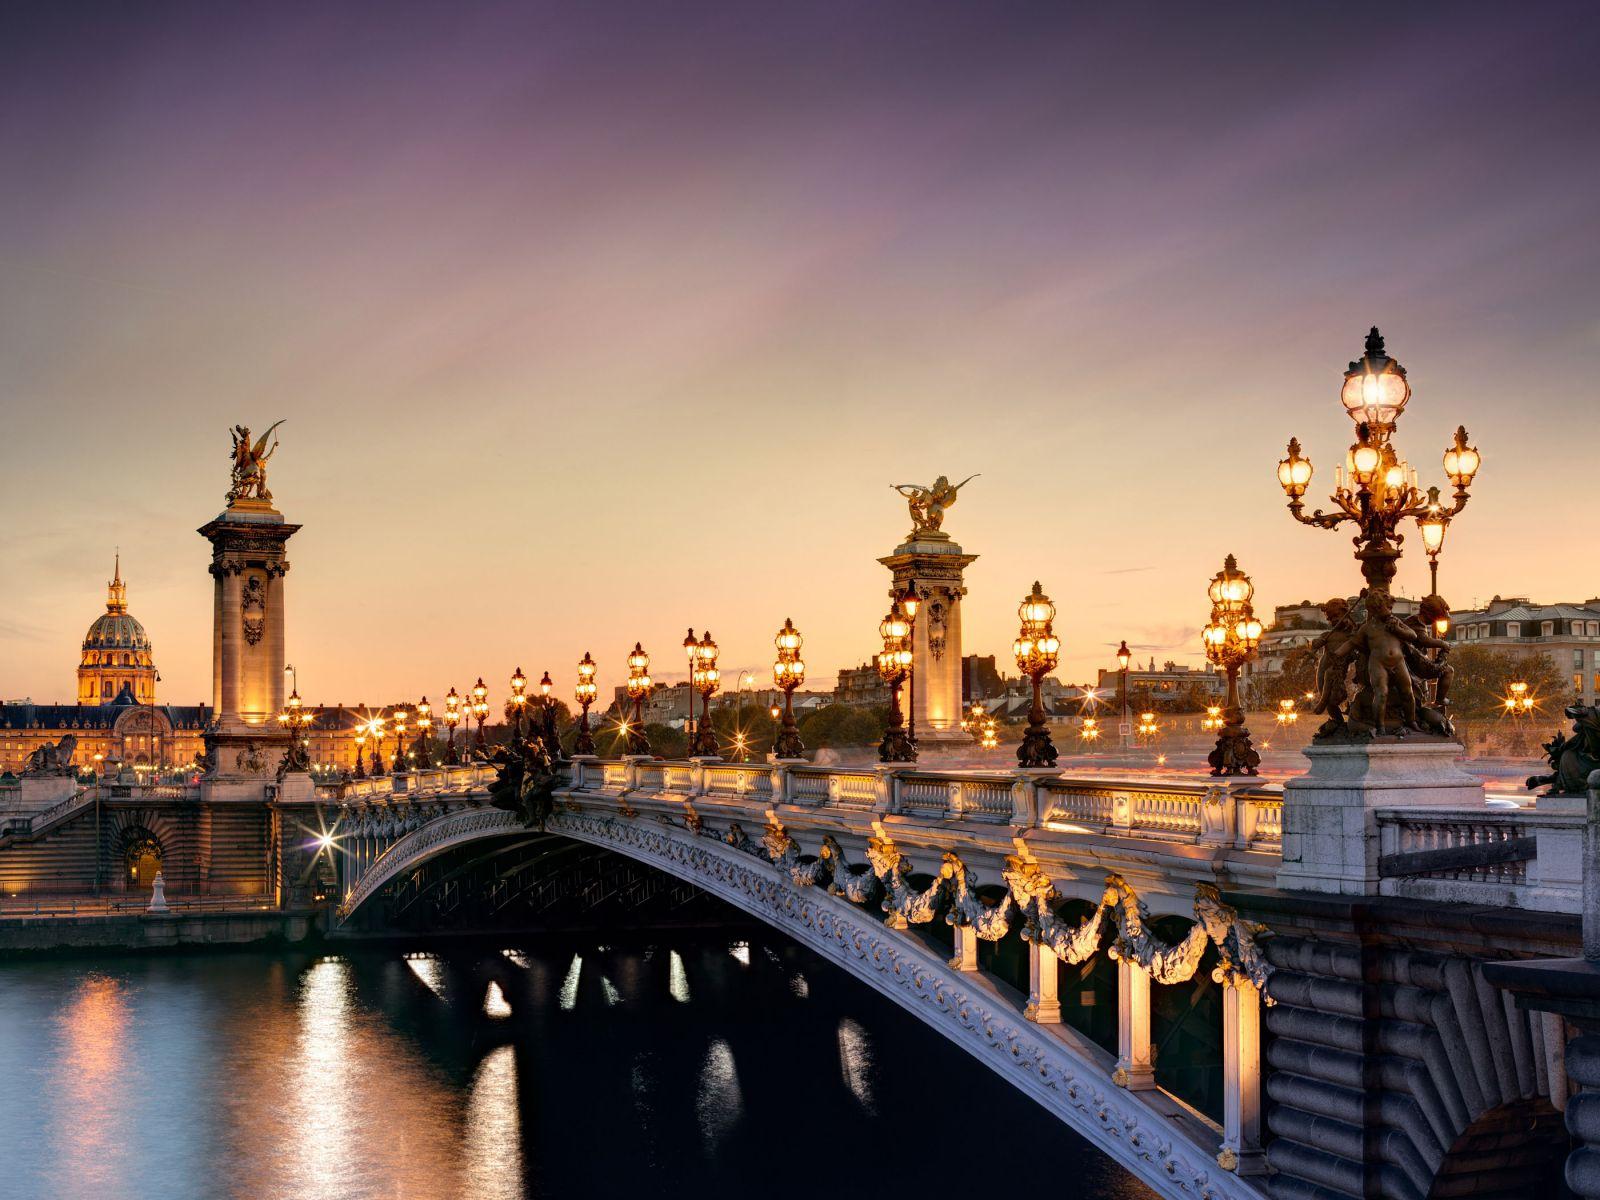 Pháp hoa lệ quyến rũ về đêm